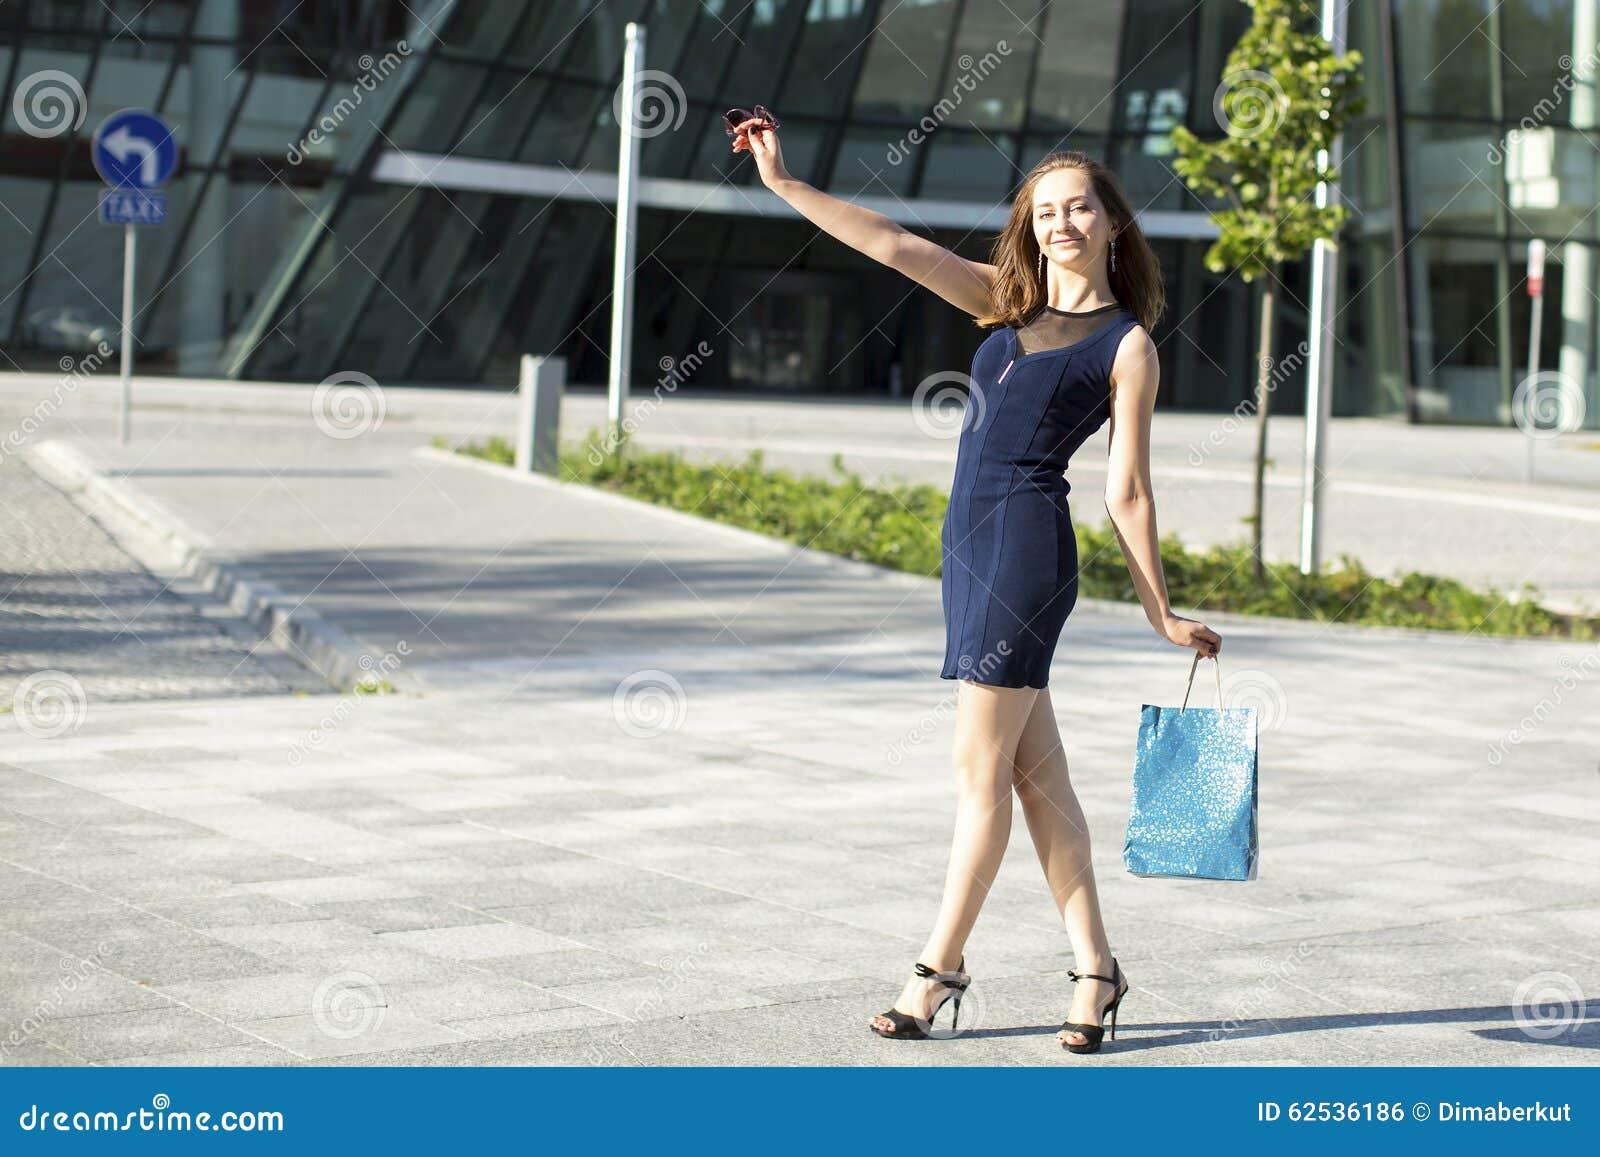 在街道上的小姐在购物以后